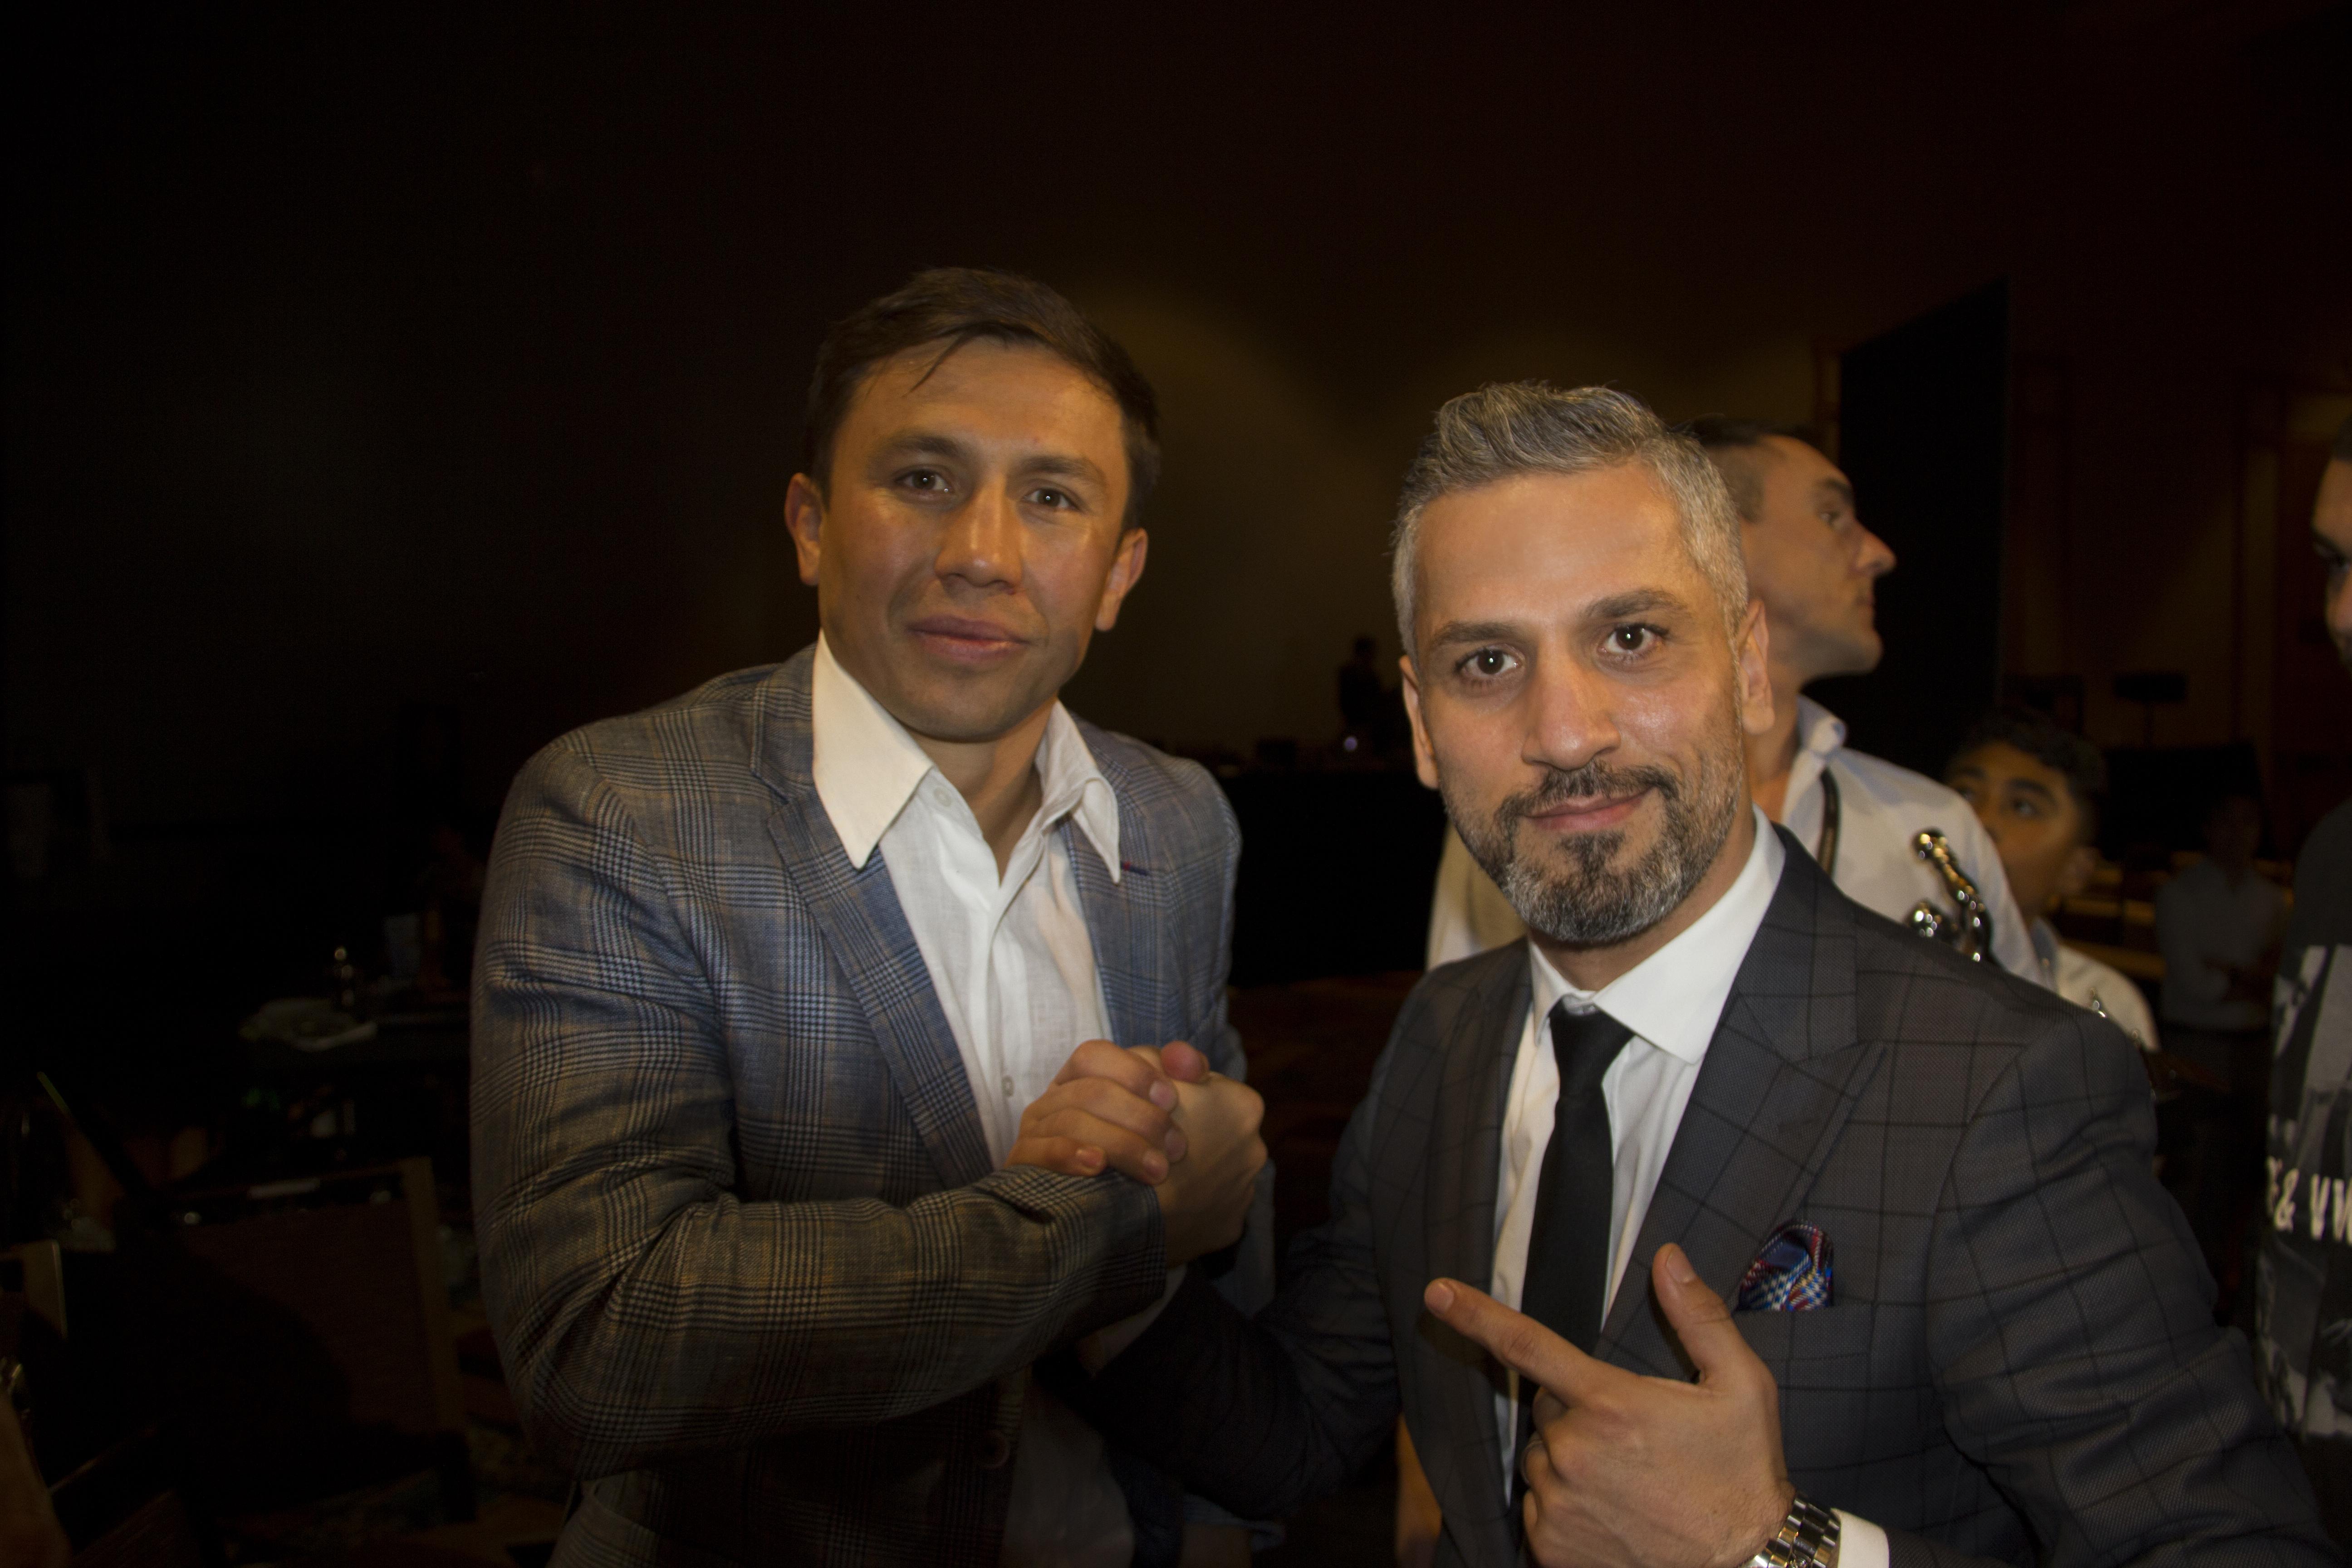 Golovkin WBC konvansiyonunda Bilgehan Demir'le böyle bir araya gelmişti